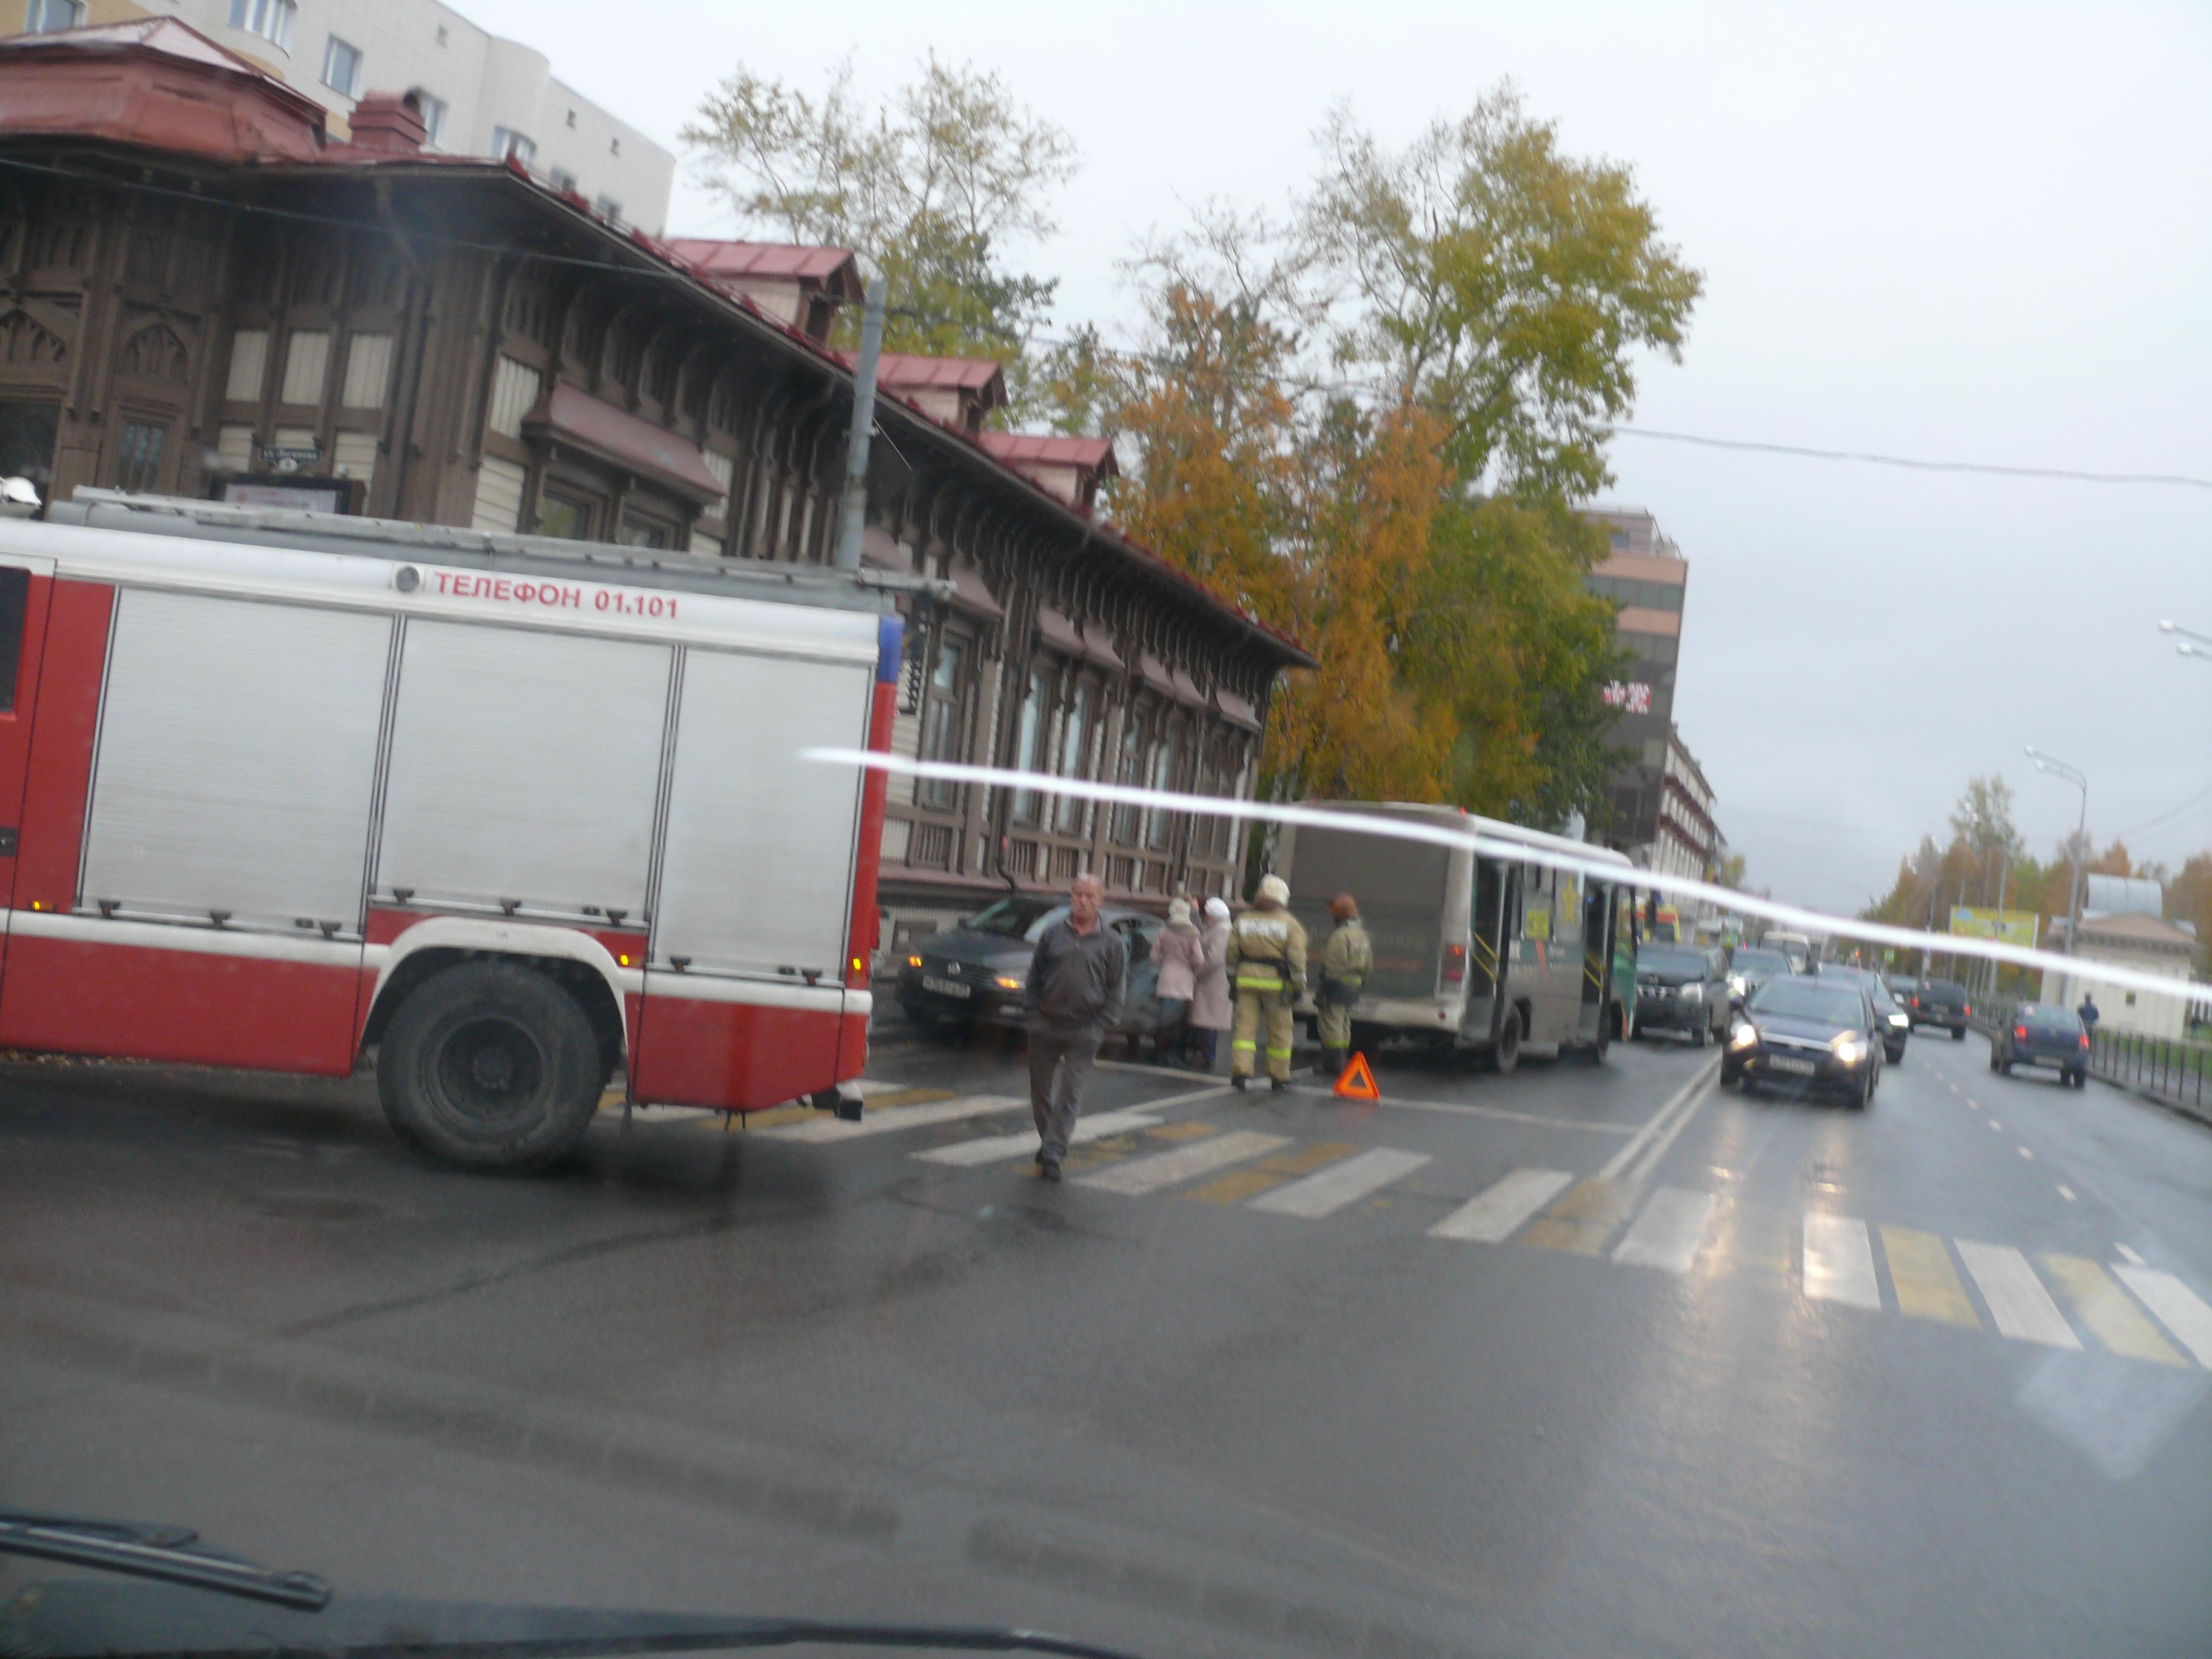 Пожарно-спасательные подразделения приняли участие в ликвидации последствий ДТП в Котласском районе Архангельской области